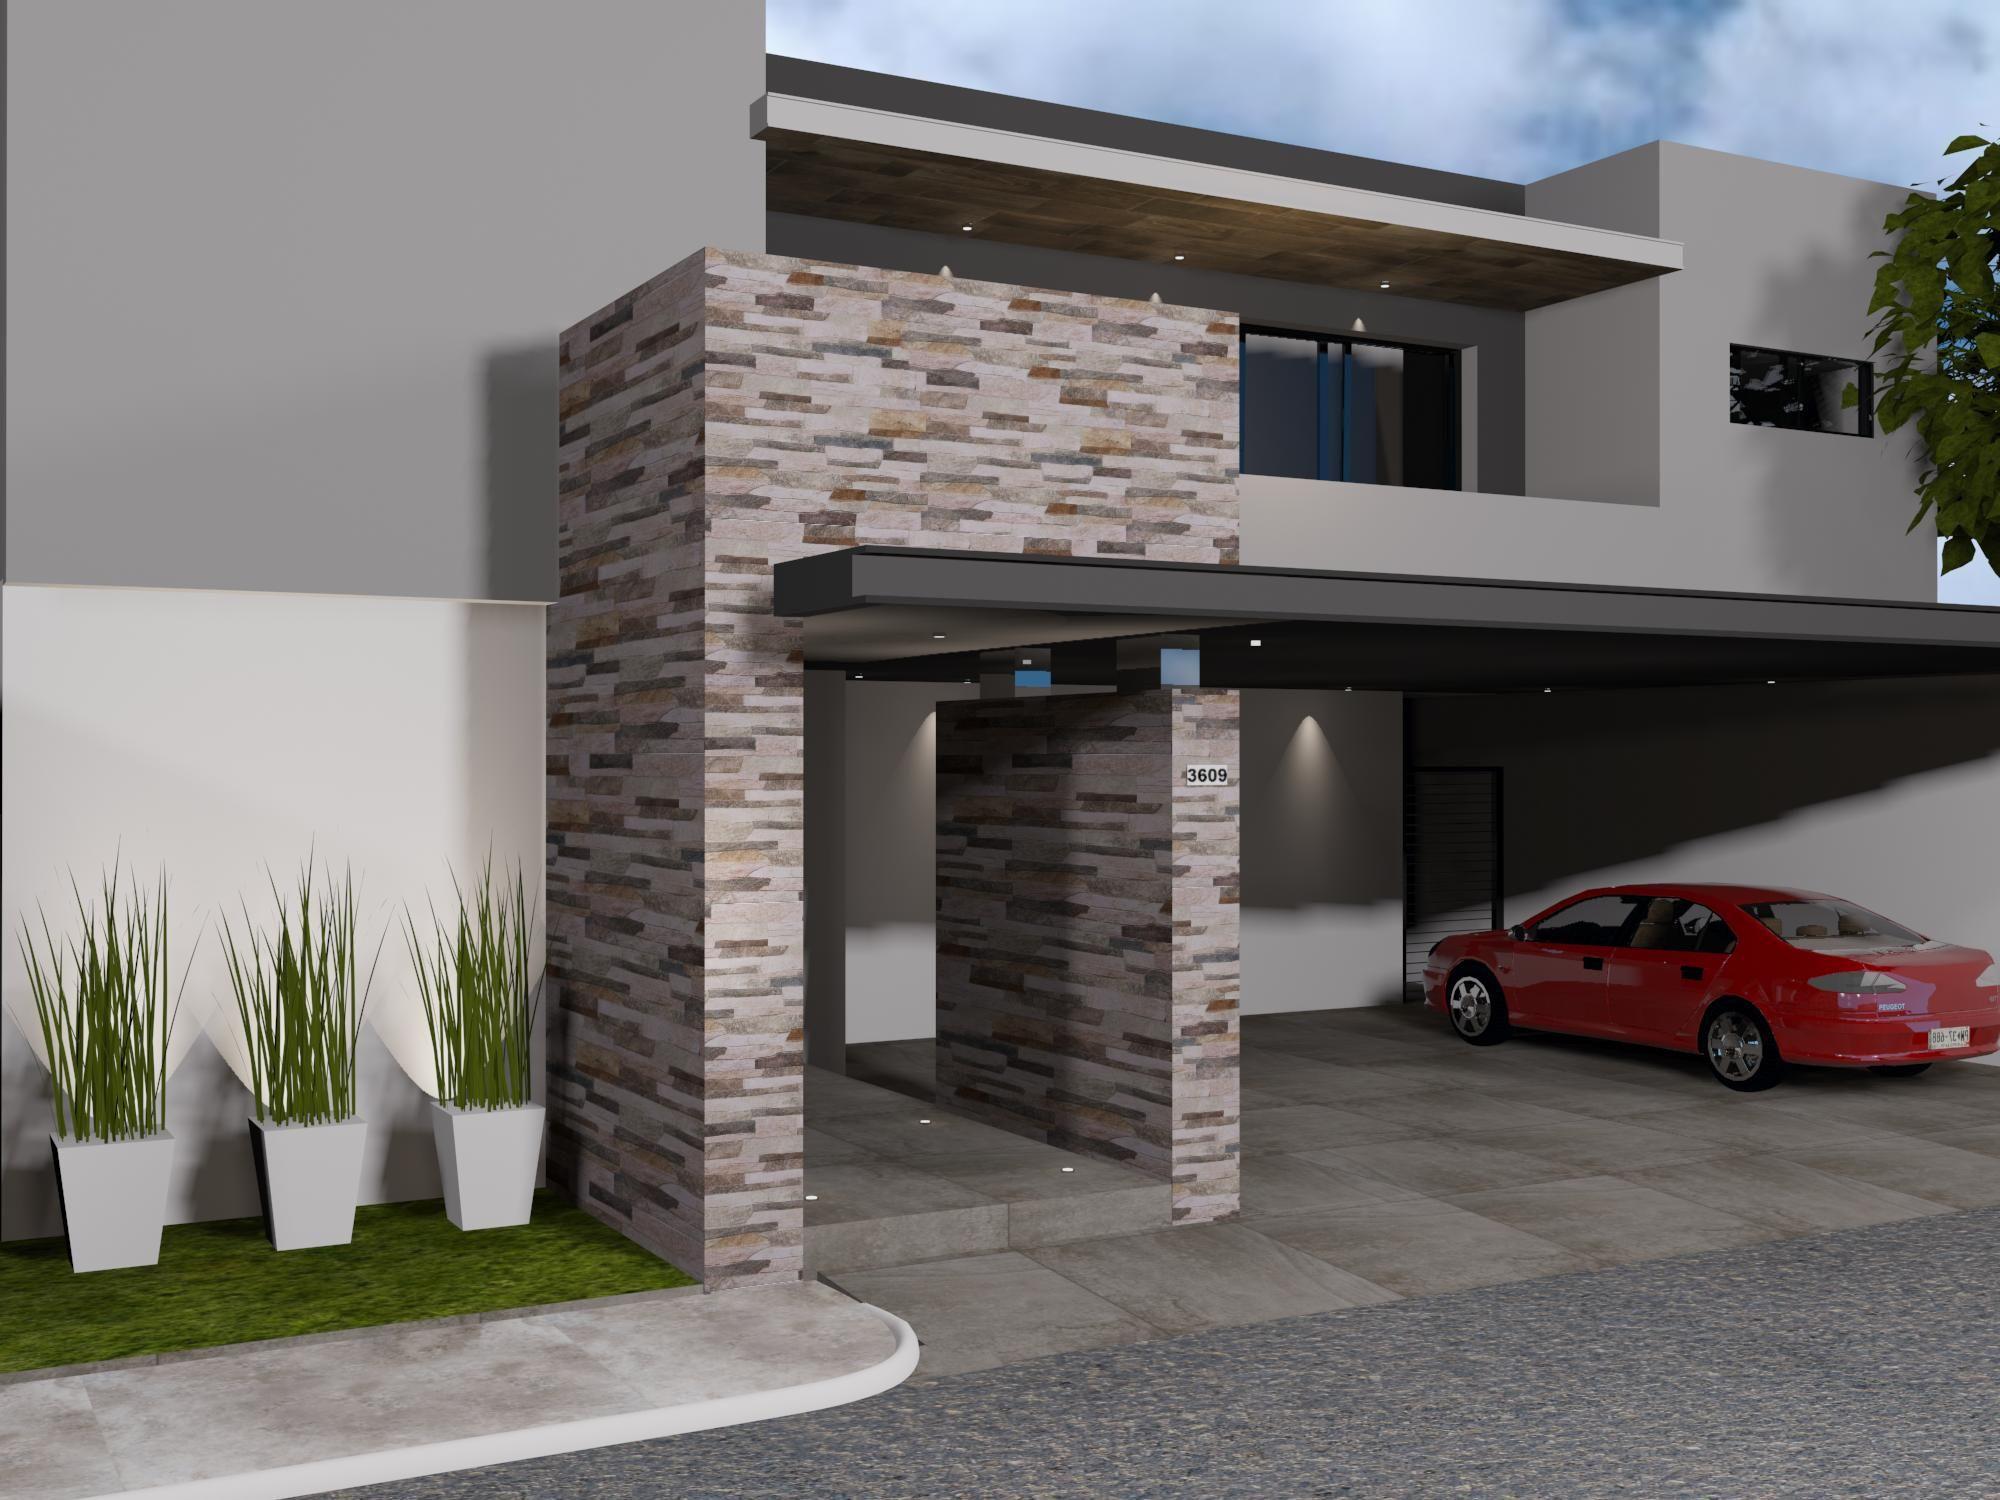 Fachada de estilo contempor neo materiales utilizados for Fachadas de casas estilo contemporaneo